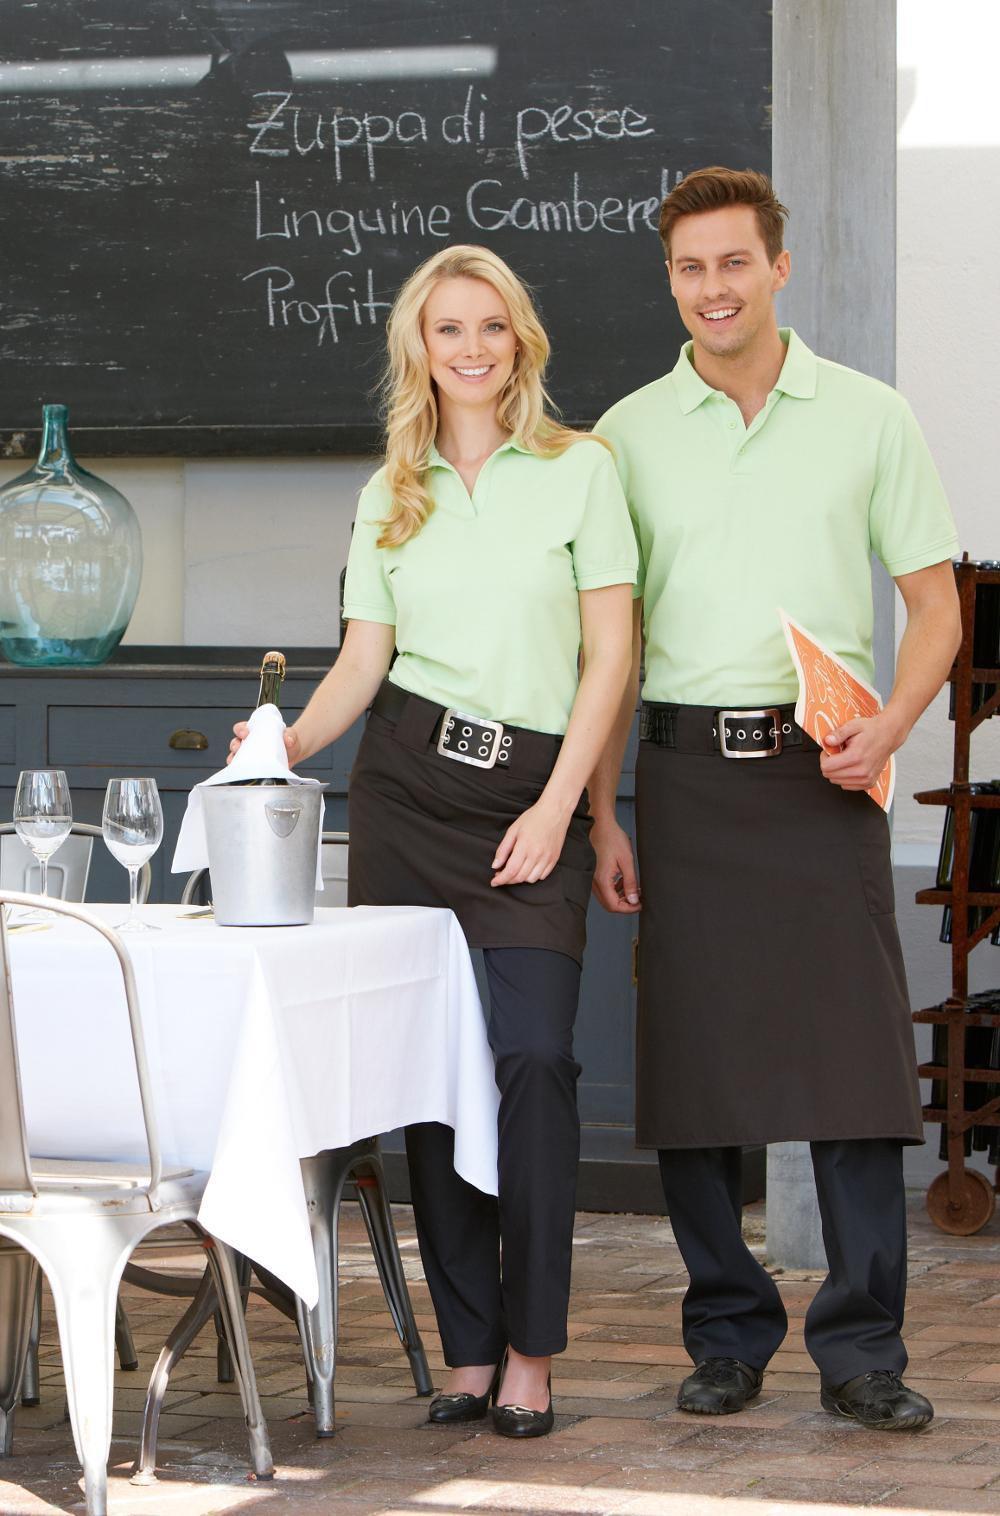 Berufsbekleidung Küche Damen | Berufsbekleidung Poloshirt Damen Herren Gunstig Von Cg Workwear